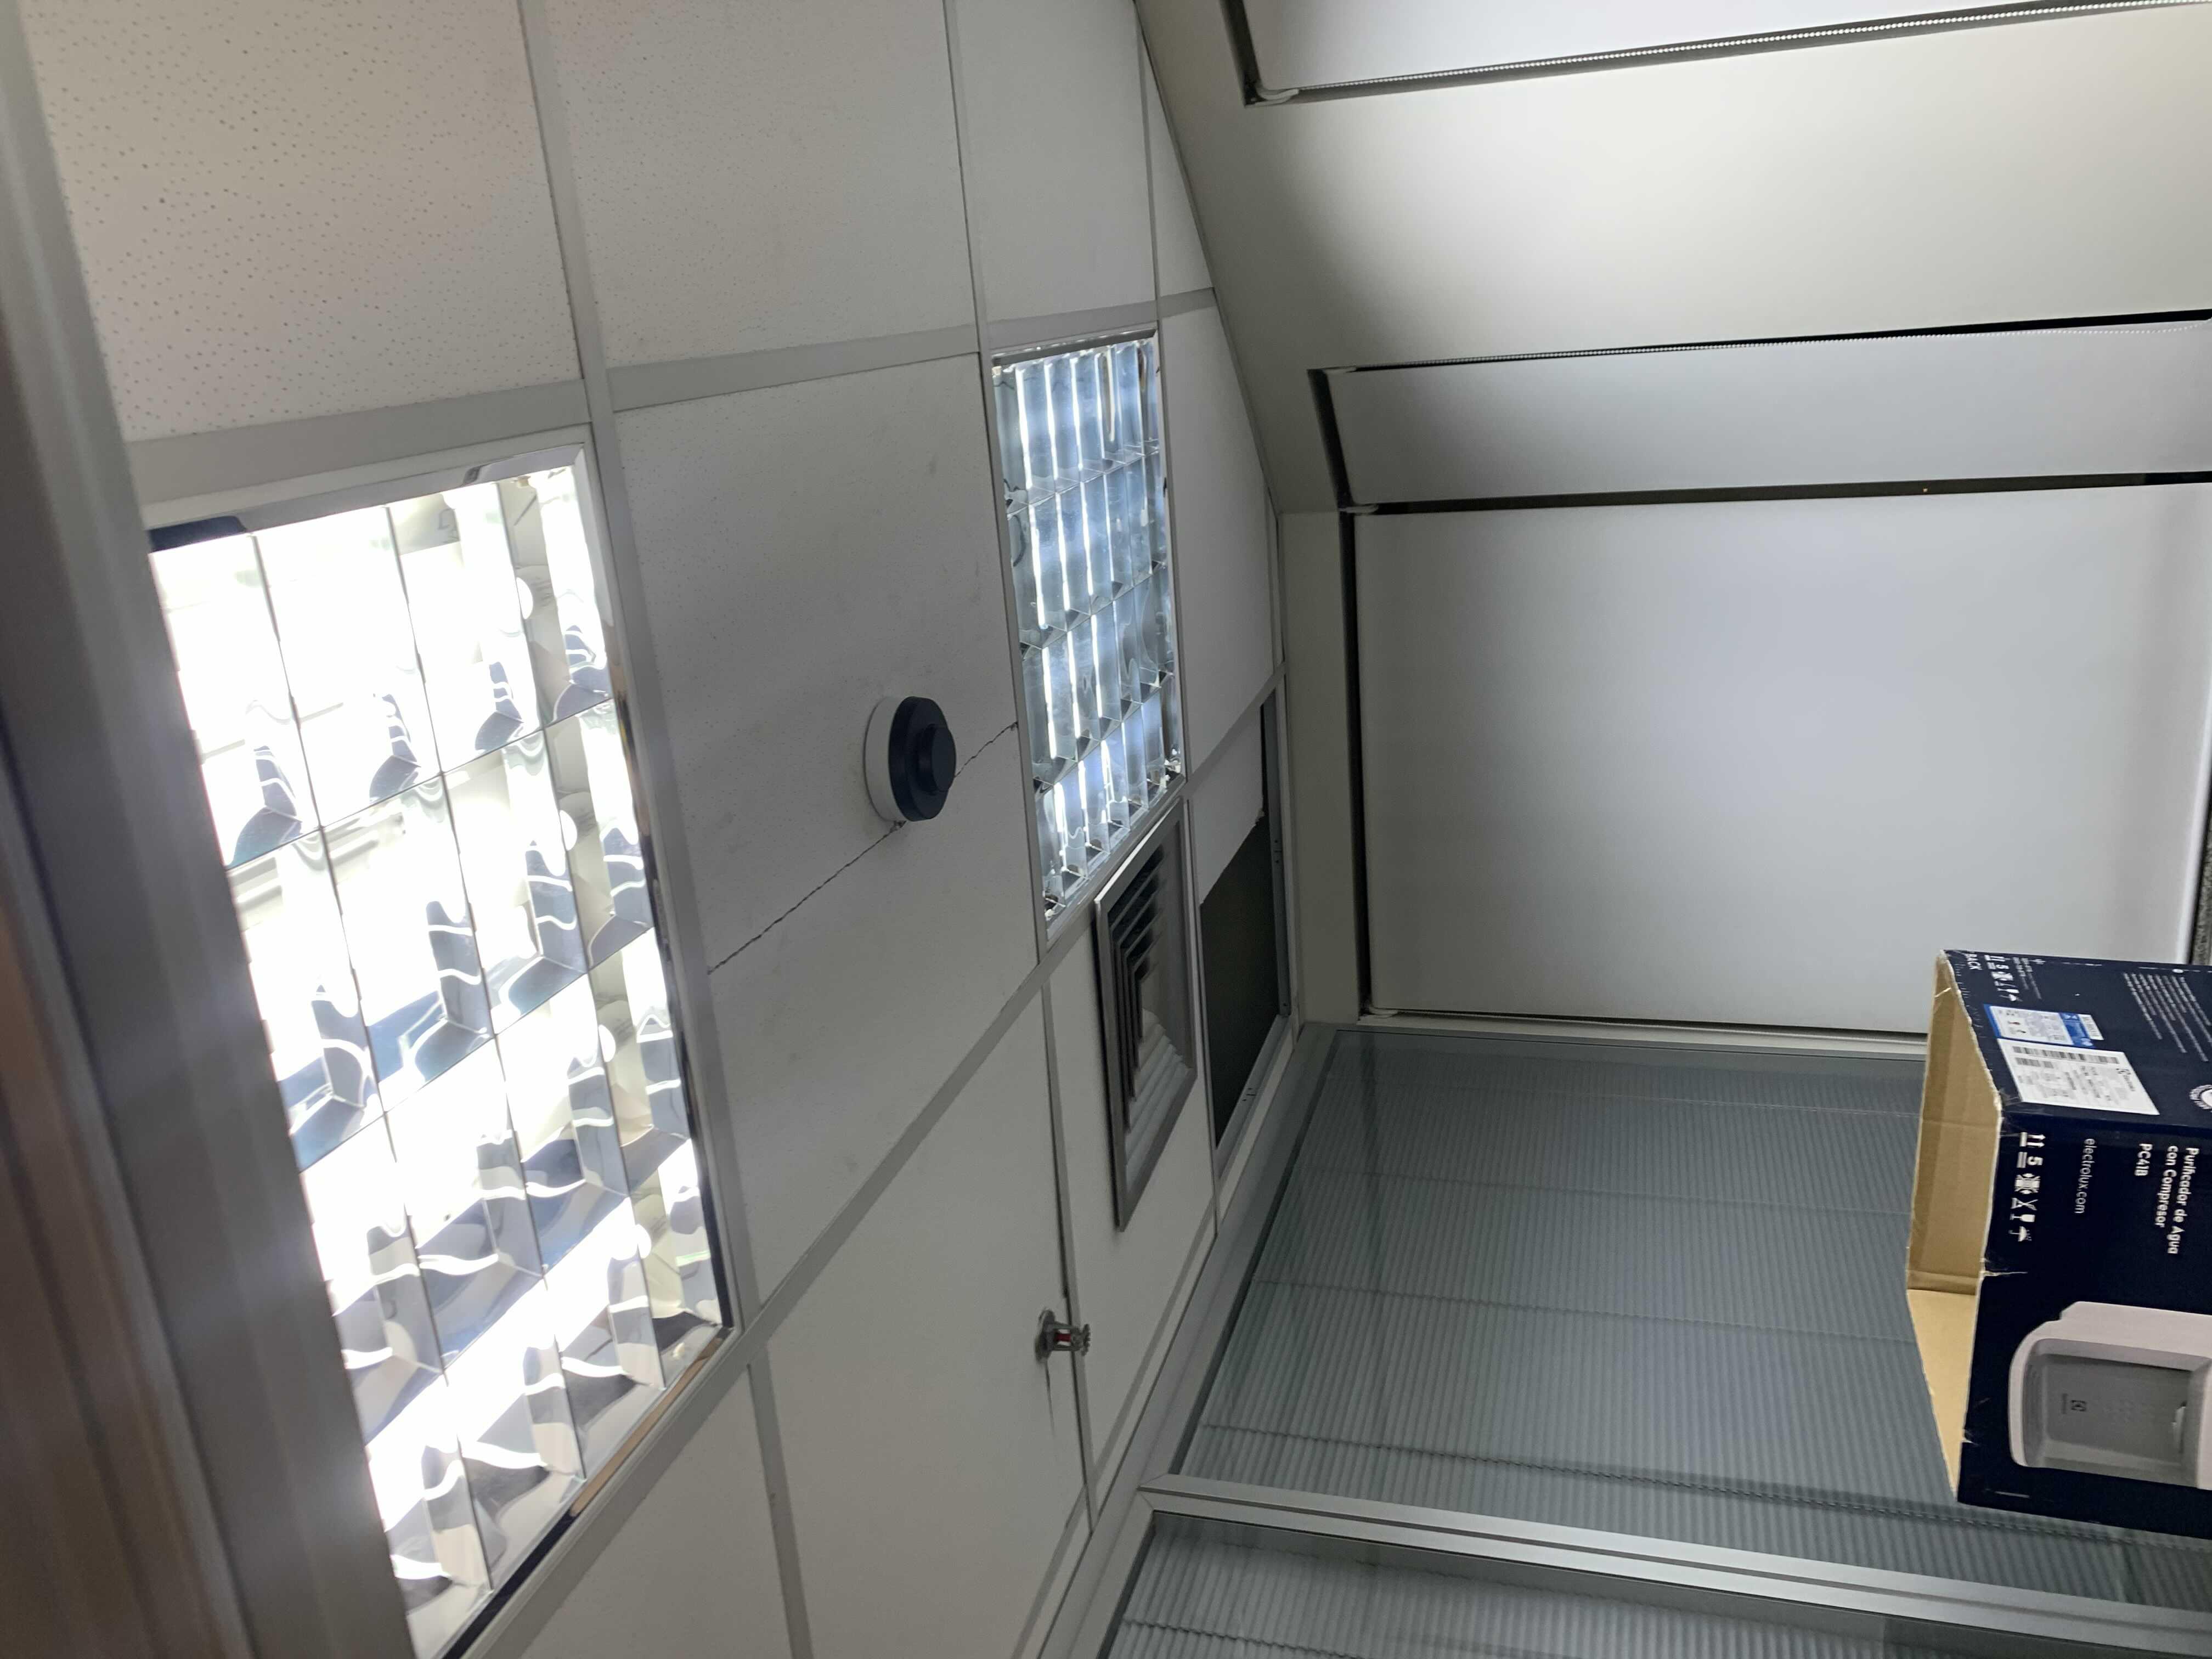 Instalação de configuração detector de temper